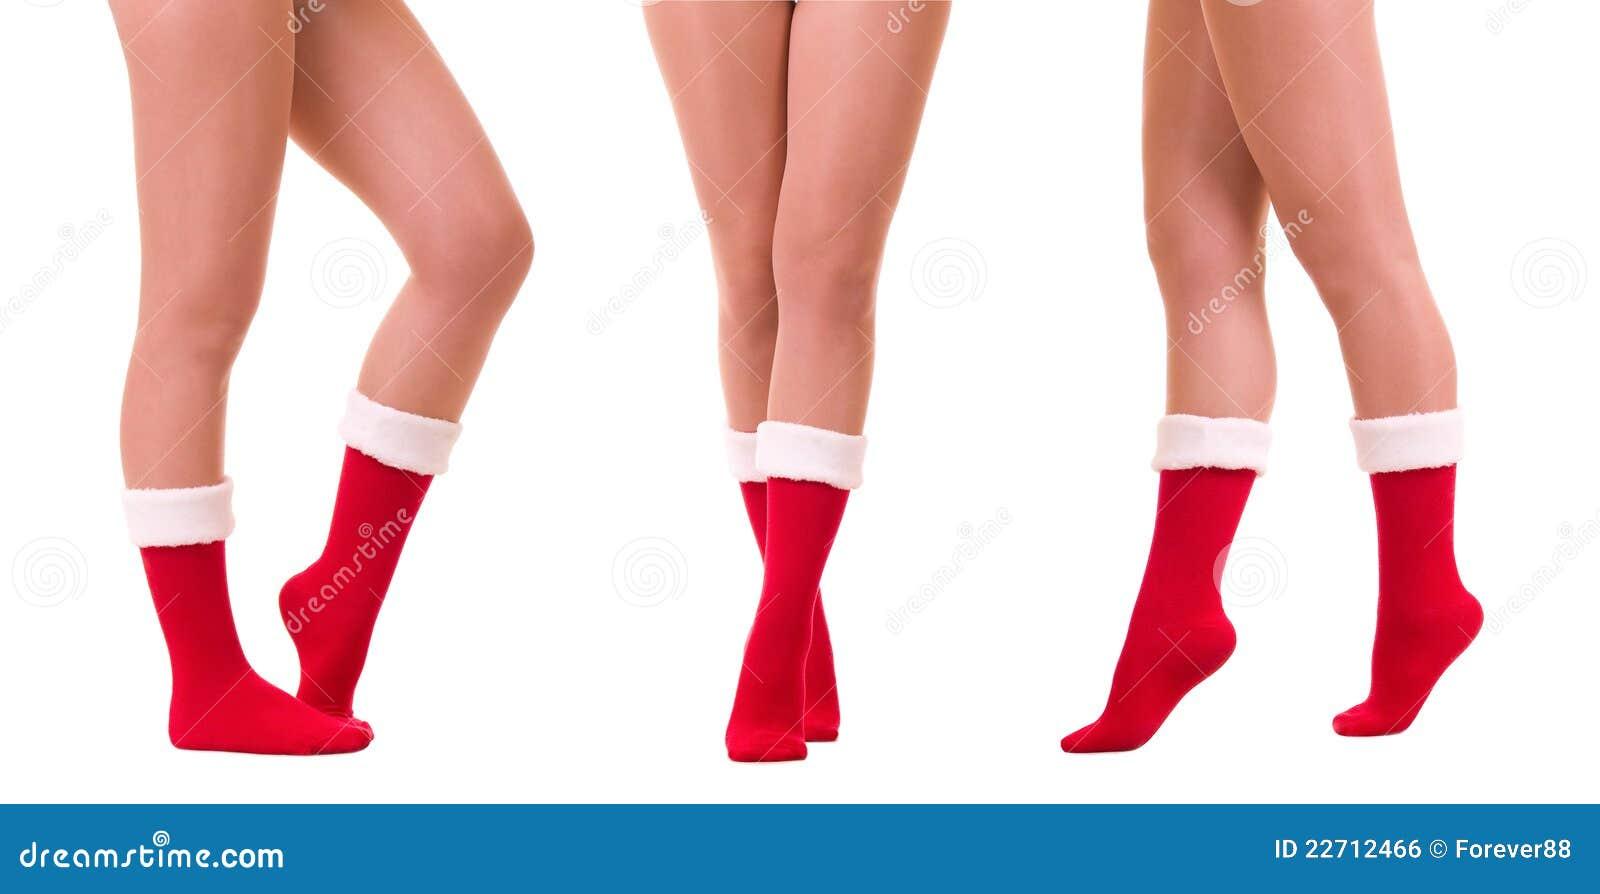 Claus iść na piechotę seksowną s skarpetę Santa